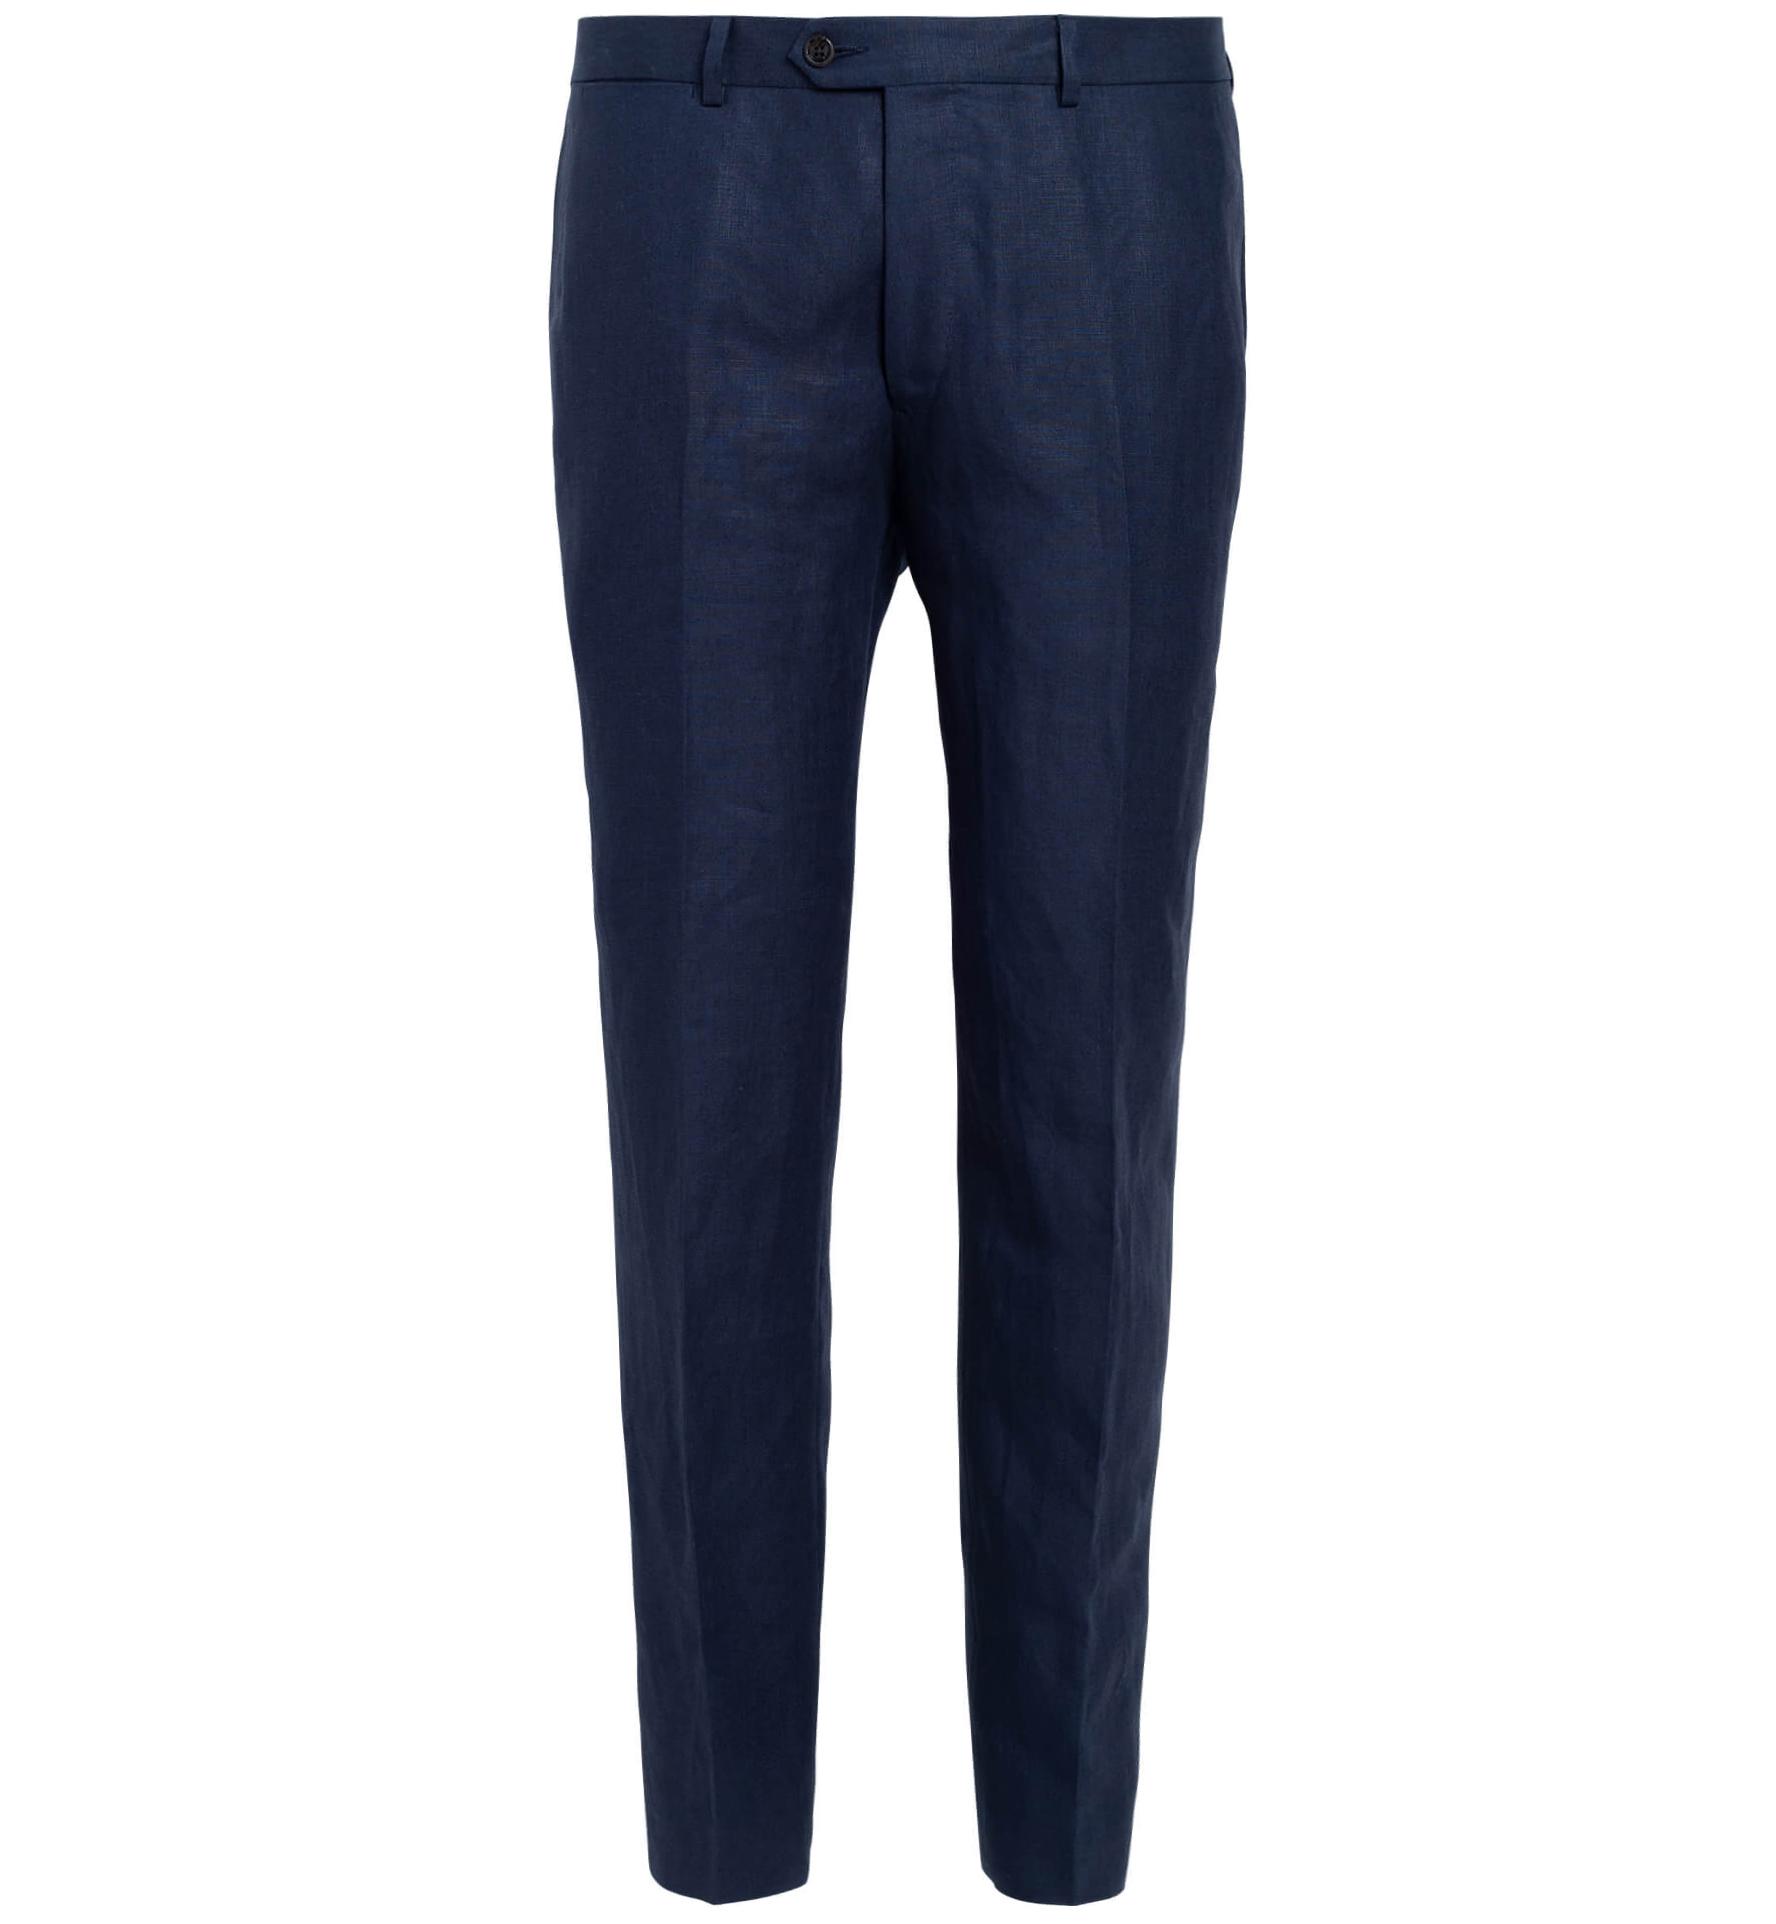 Zoom Image of Allen Navy Irish Linen Trouser